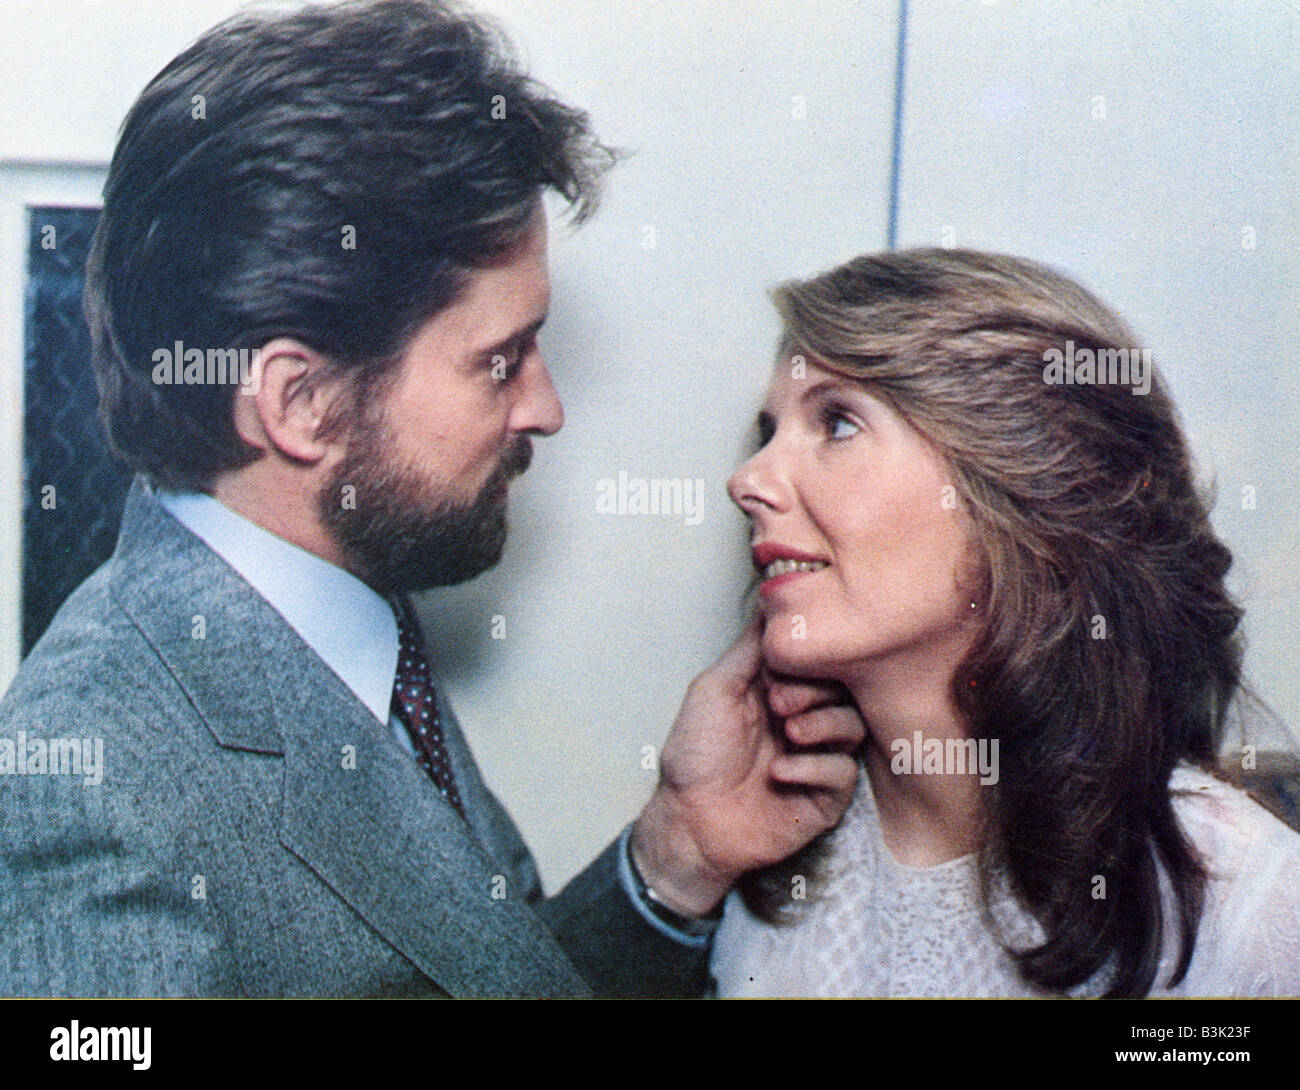 C'est à mon tour 1980 Columbia film avec Jill Clayburgh et Michael Douglas Photo Stock